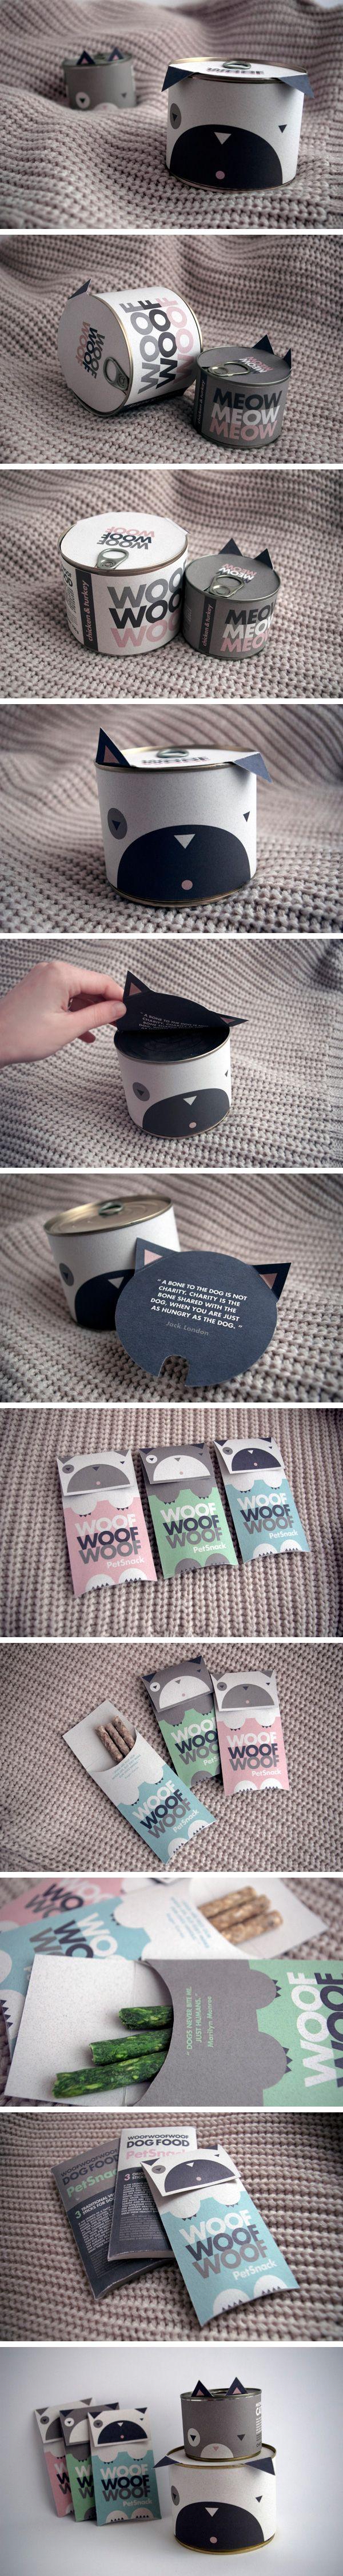 Pet Food Packaging.